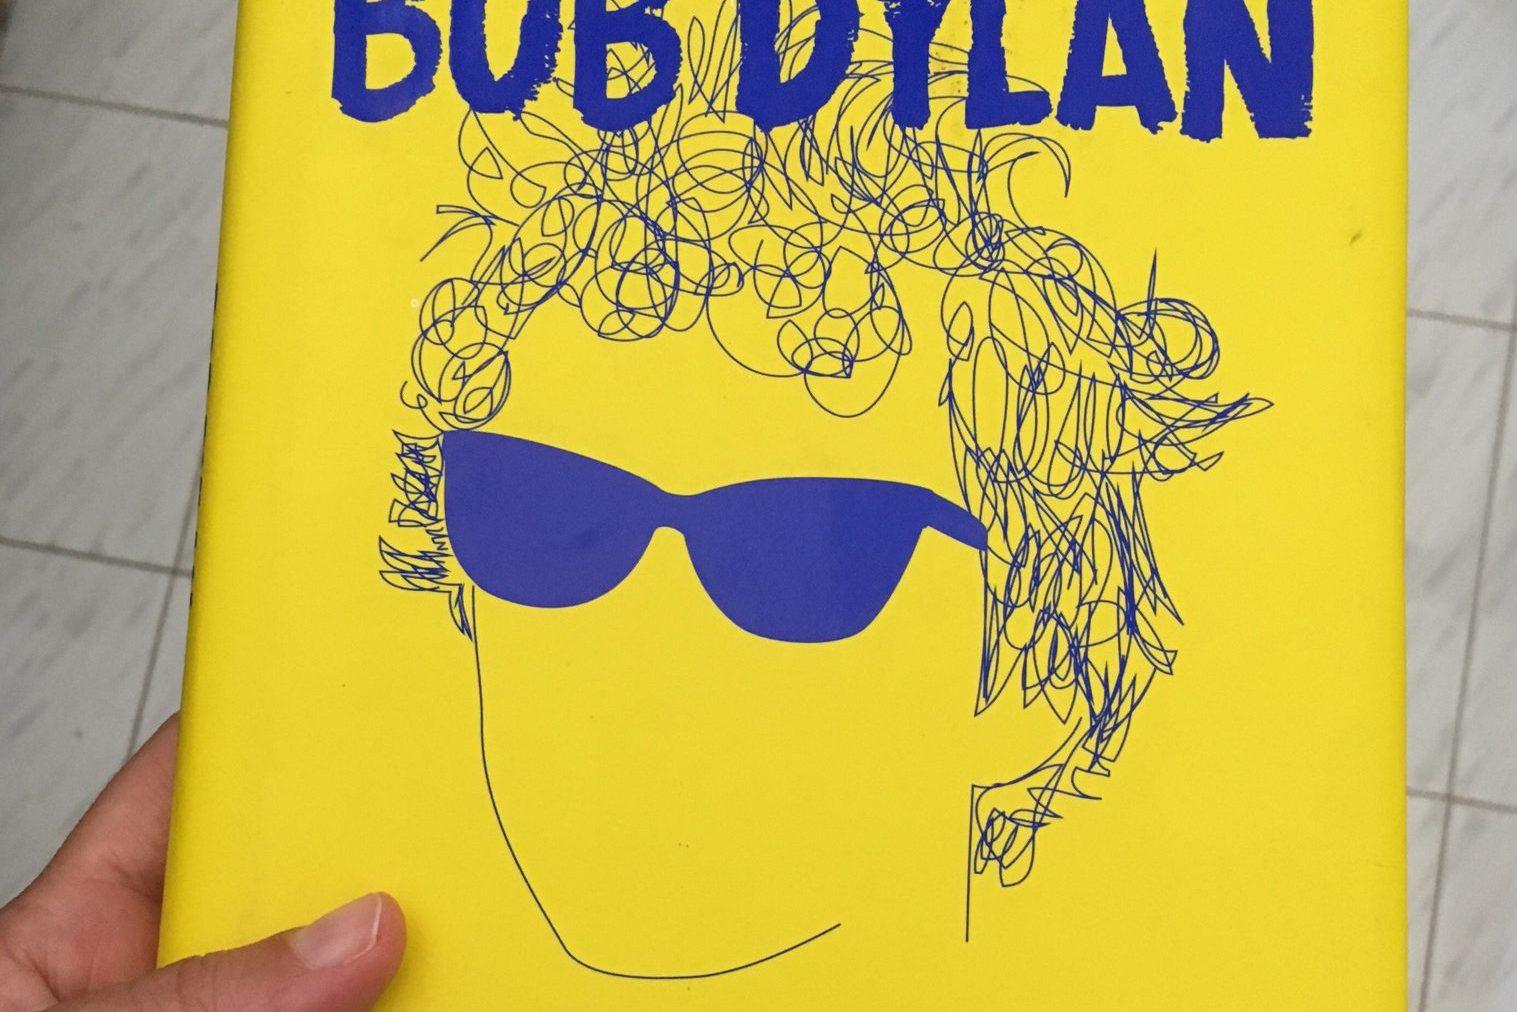 Bob Dylan raccontato nel libro di Jordi Sierra i Fabra